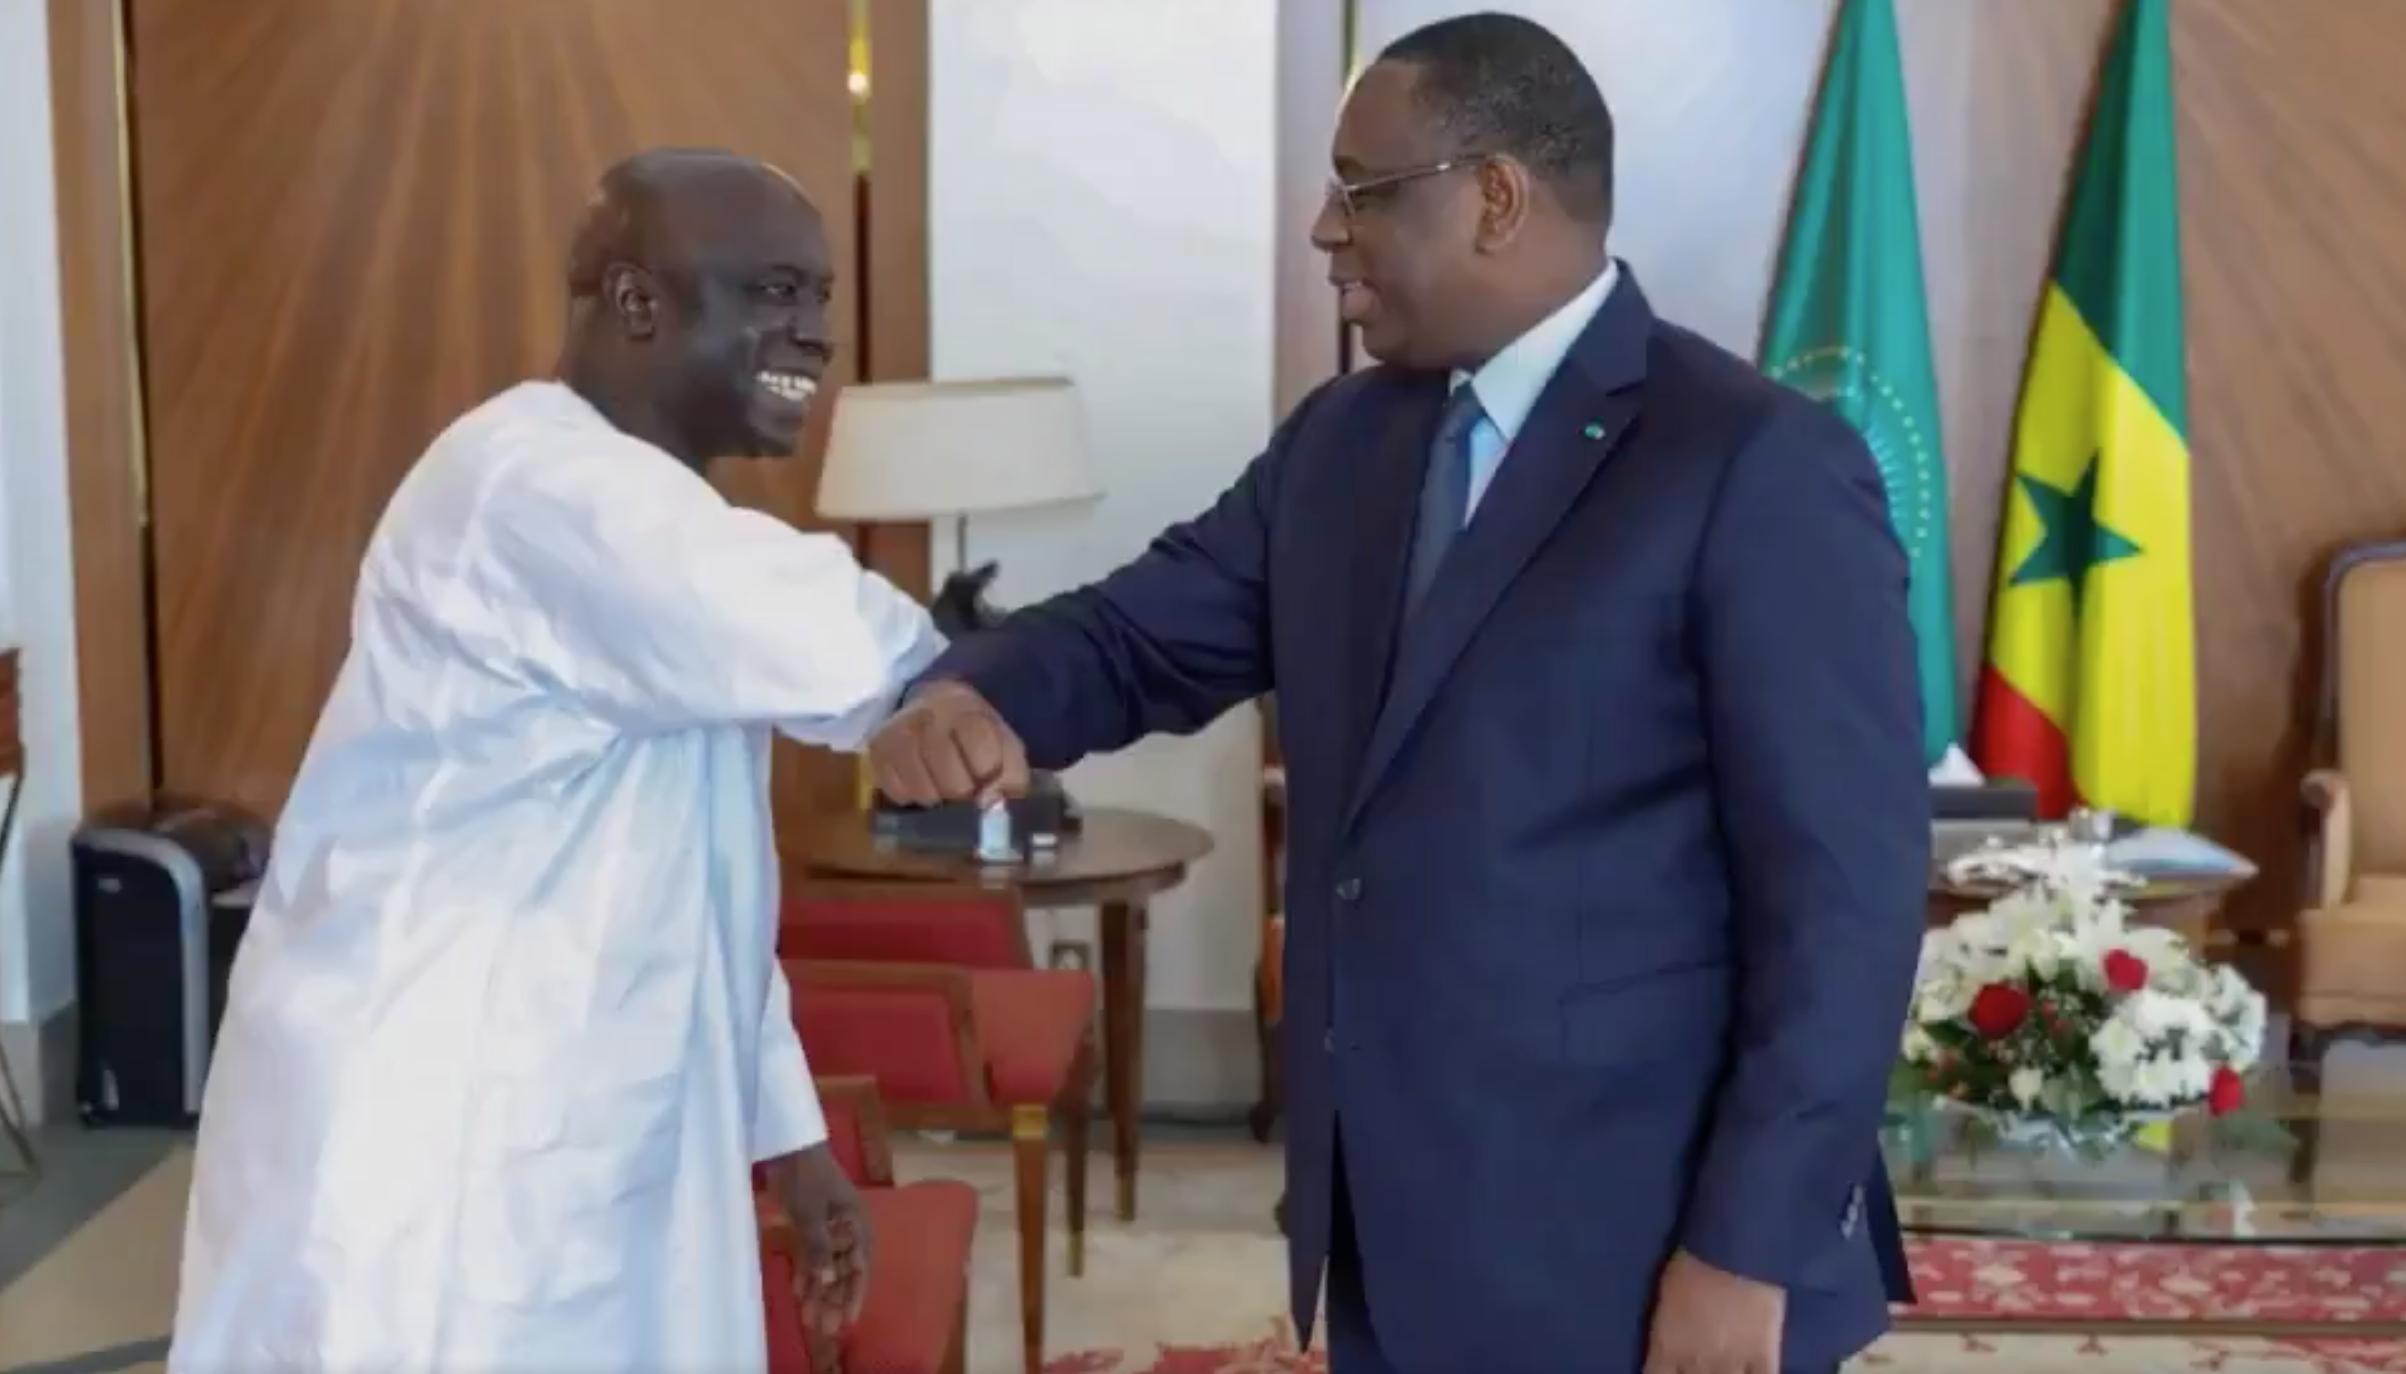 Macky Sall reçoit Idrissa Seck (g.), le 24 mars au palais présidentiel à Dakar.